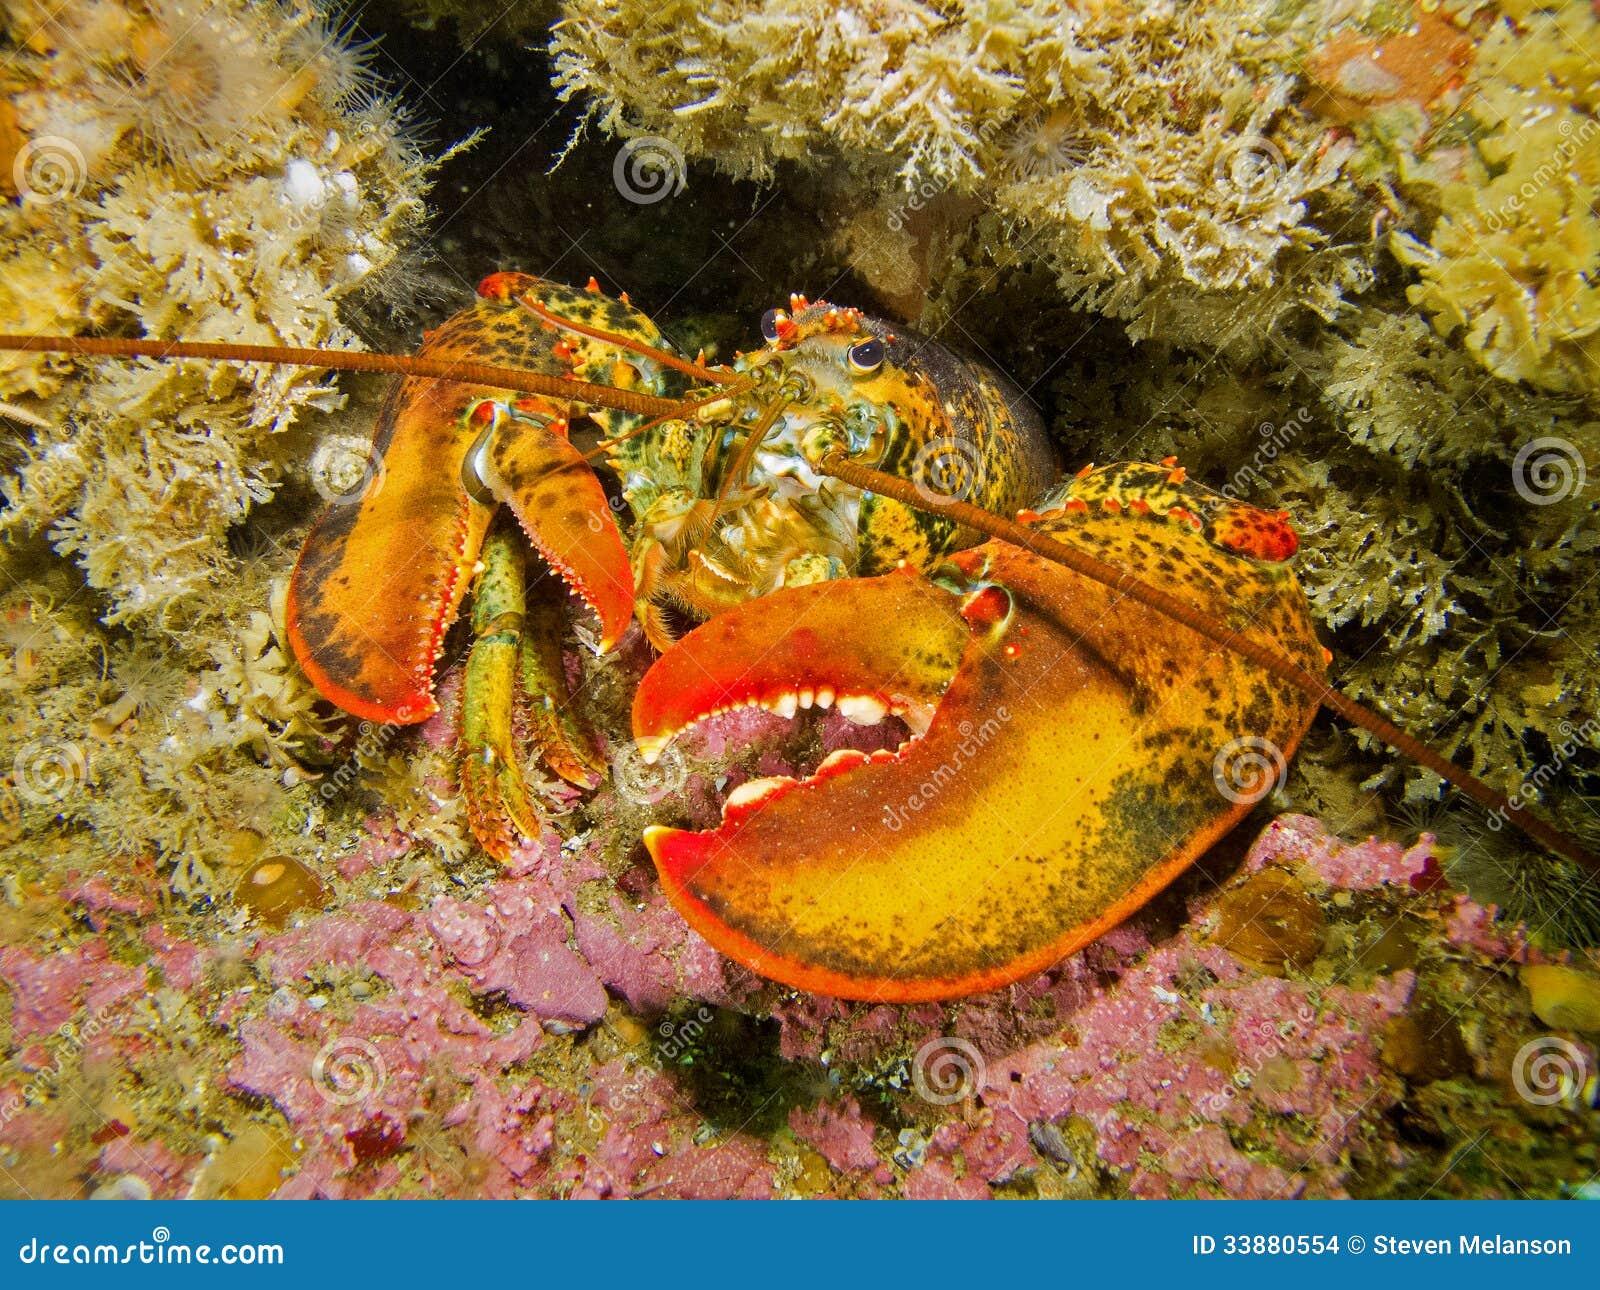 Langosta En Arrecife De Coral Foto de archivo - Imagen de detalles ...